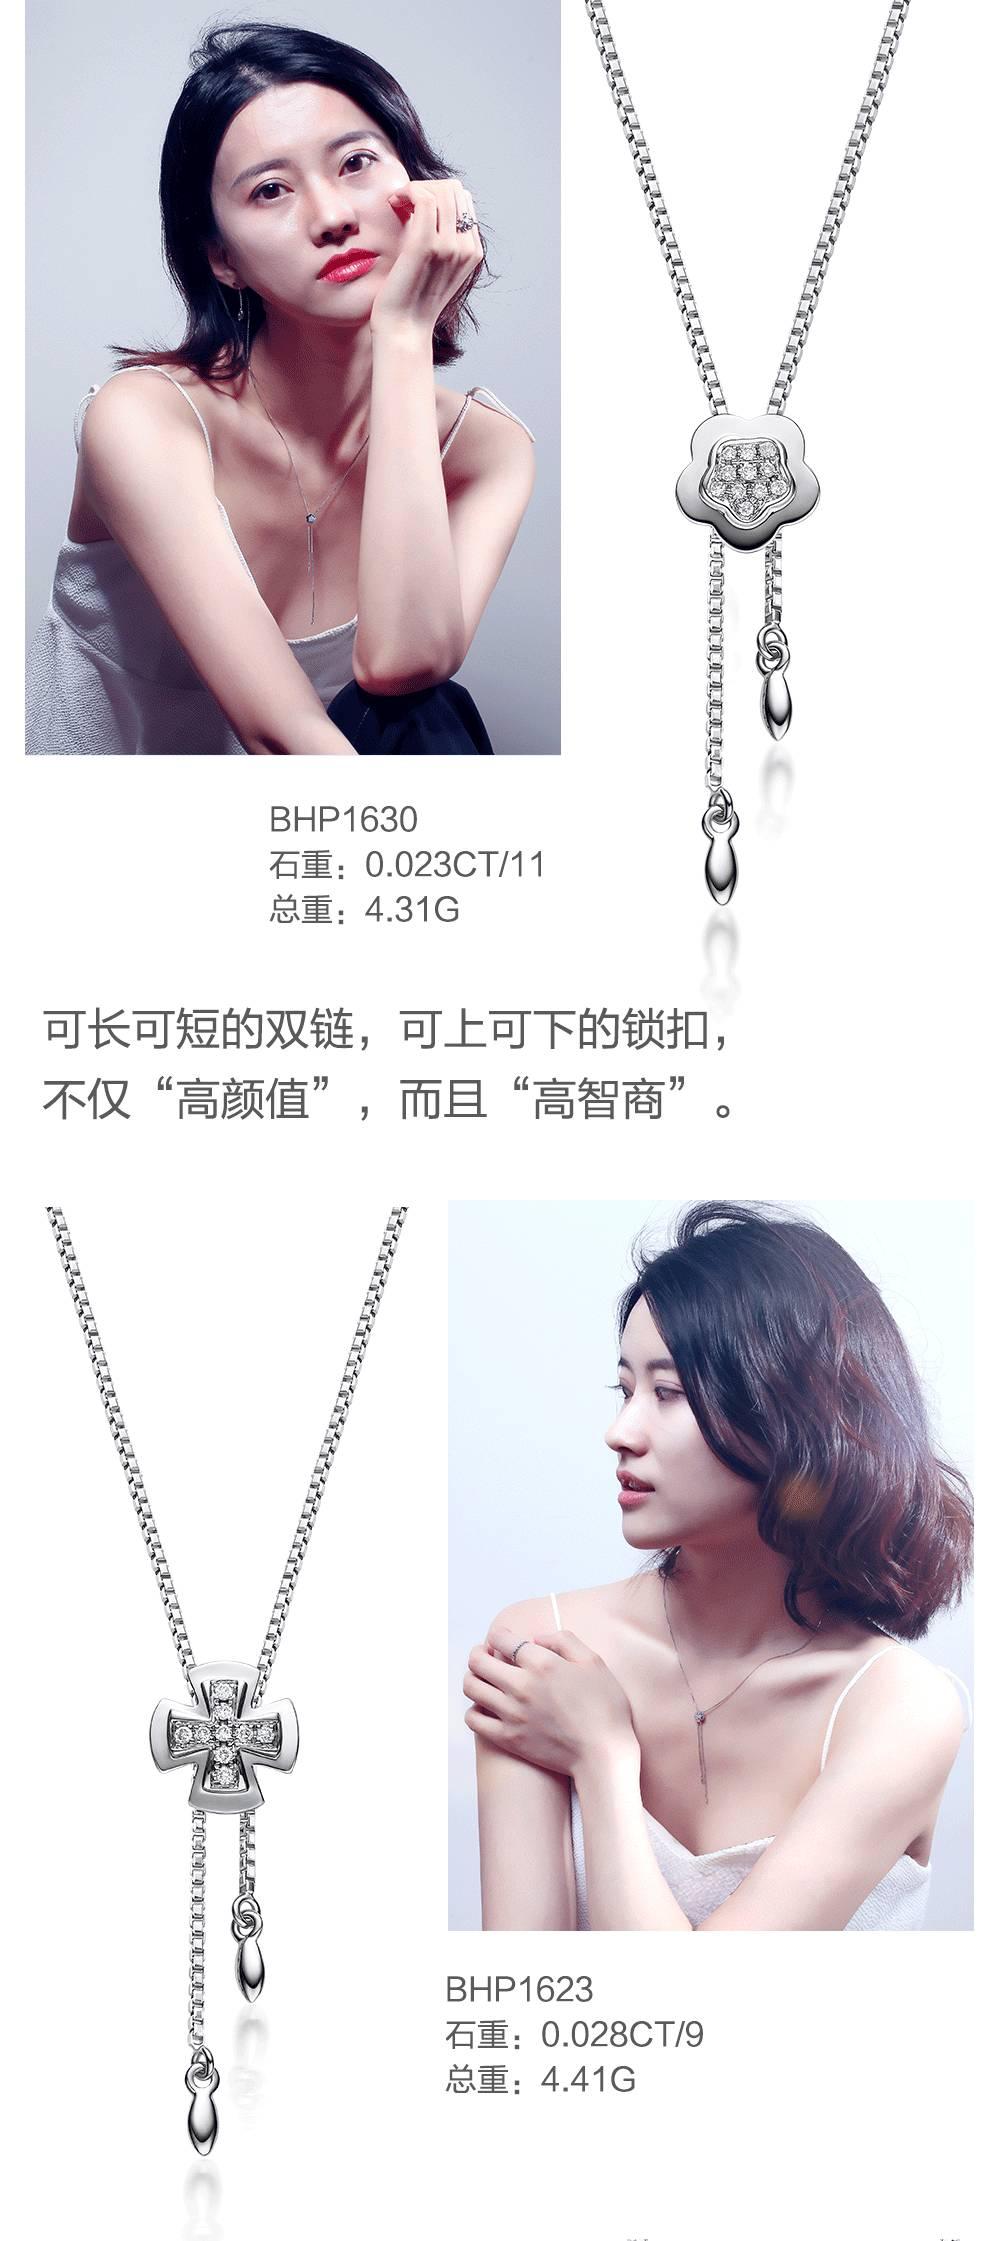 六福珠宝营业员图片